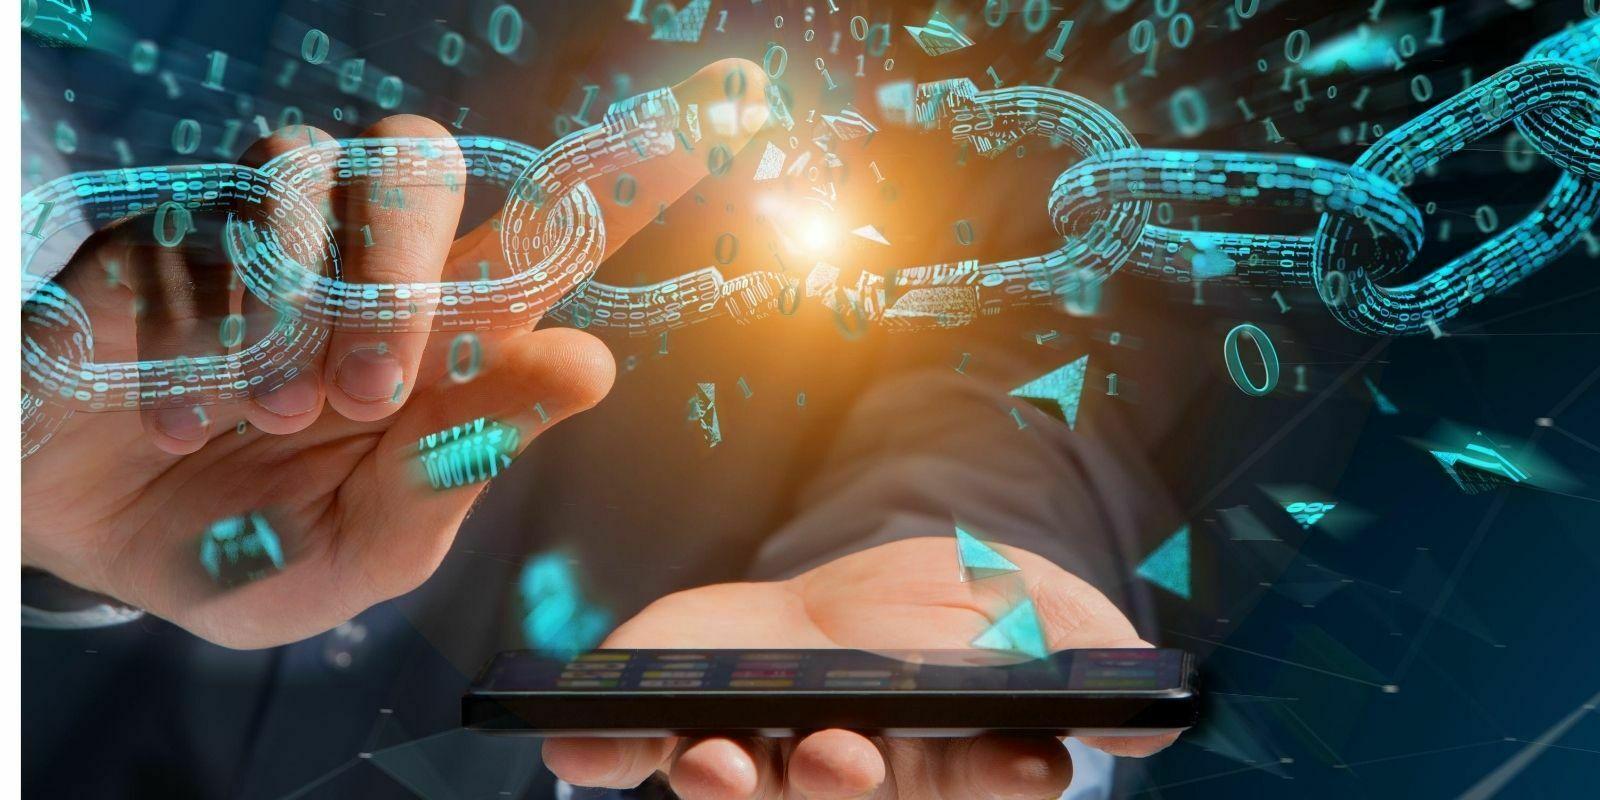 Les investissements dans la technologie blockchain chutent de 63% en 2020